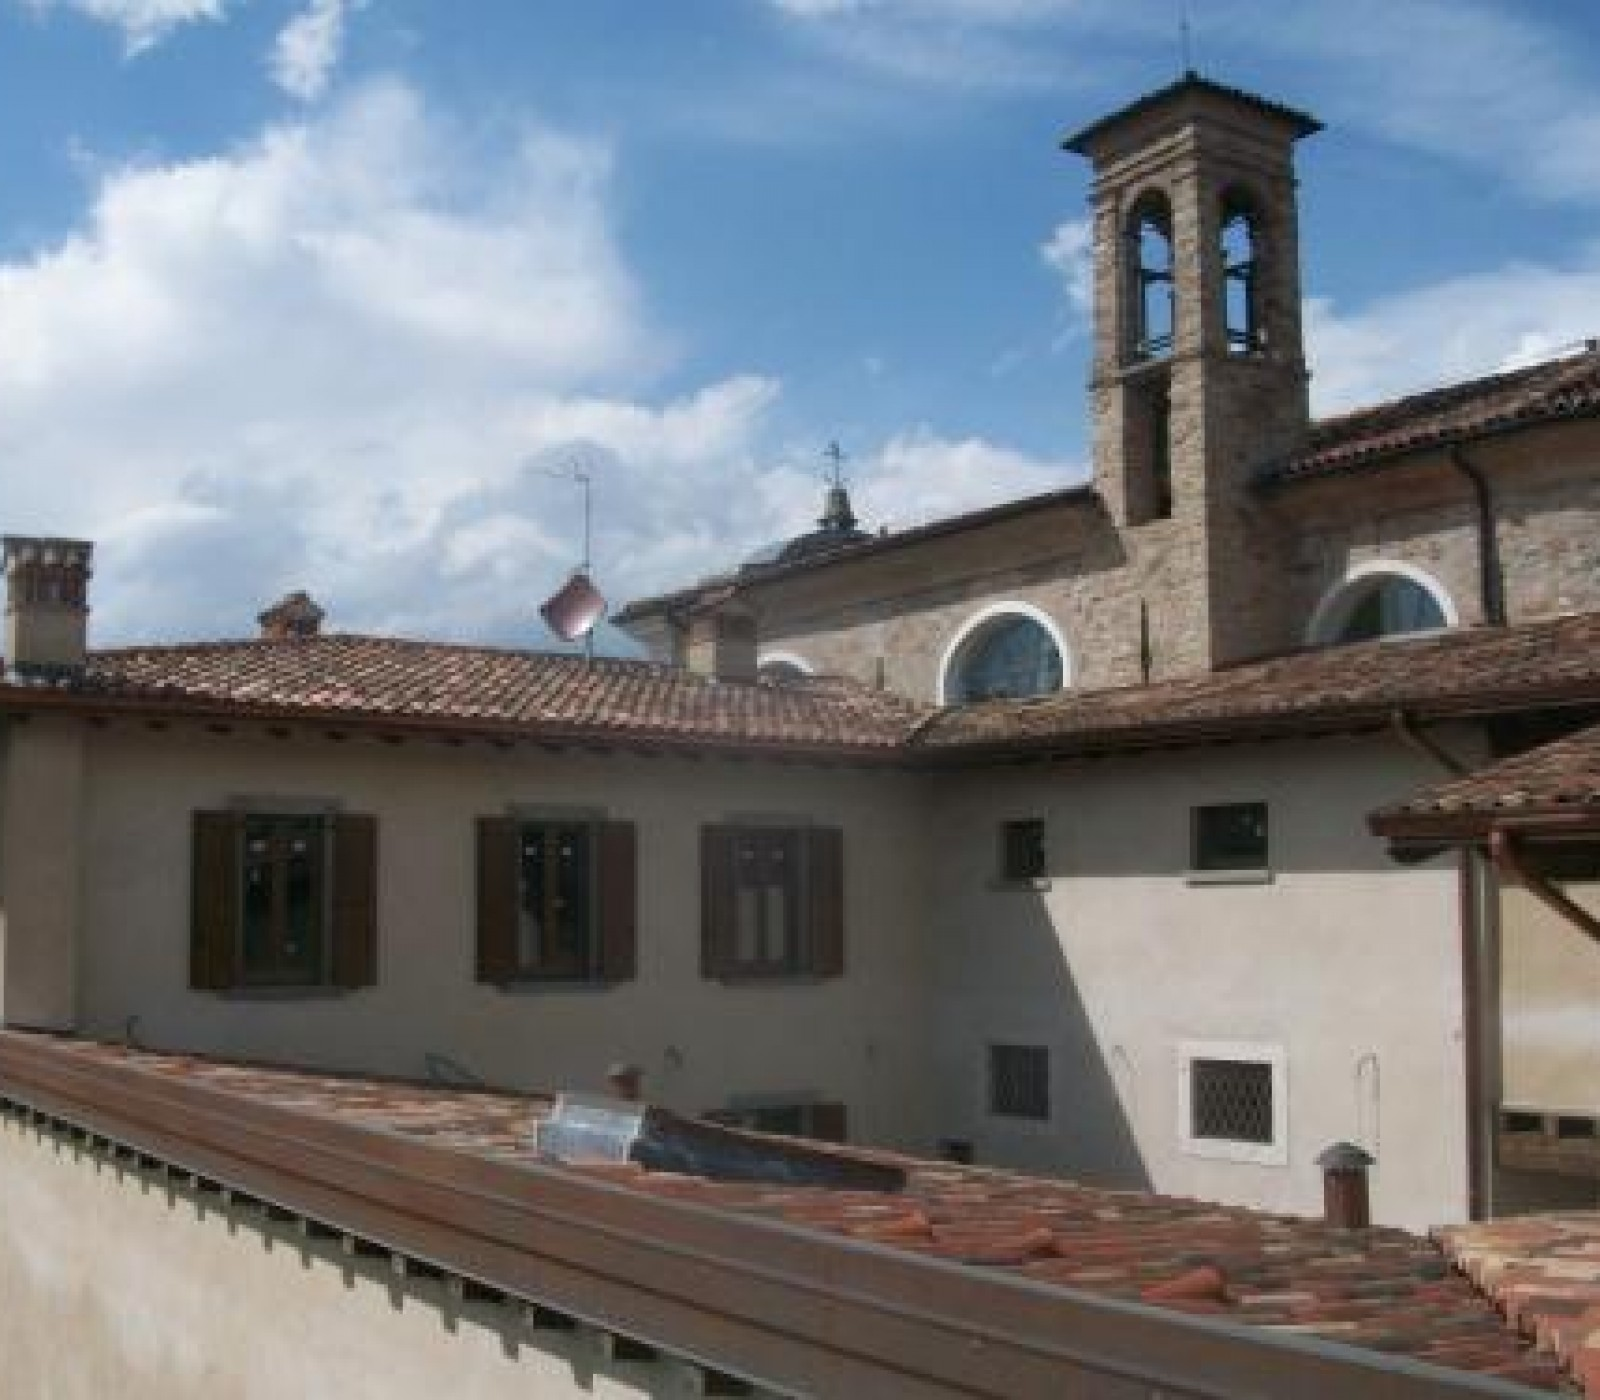 City Hostel Bergamo Italy's picture